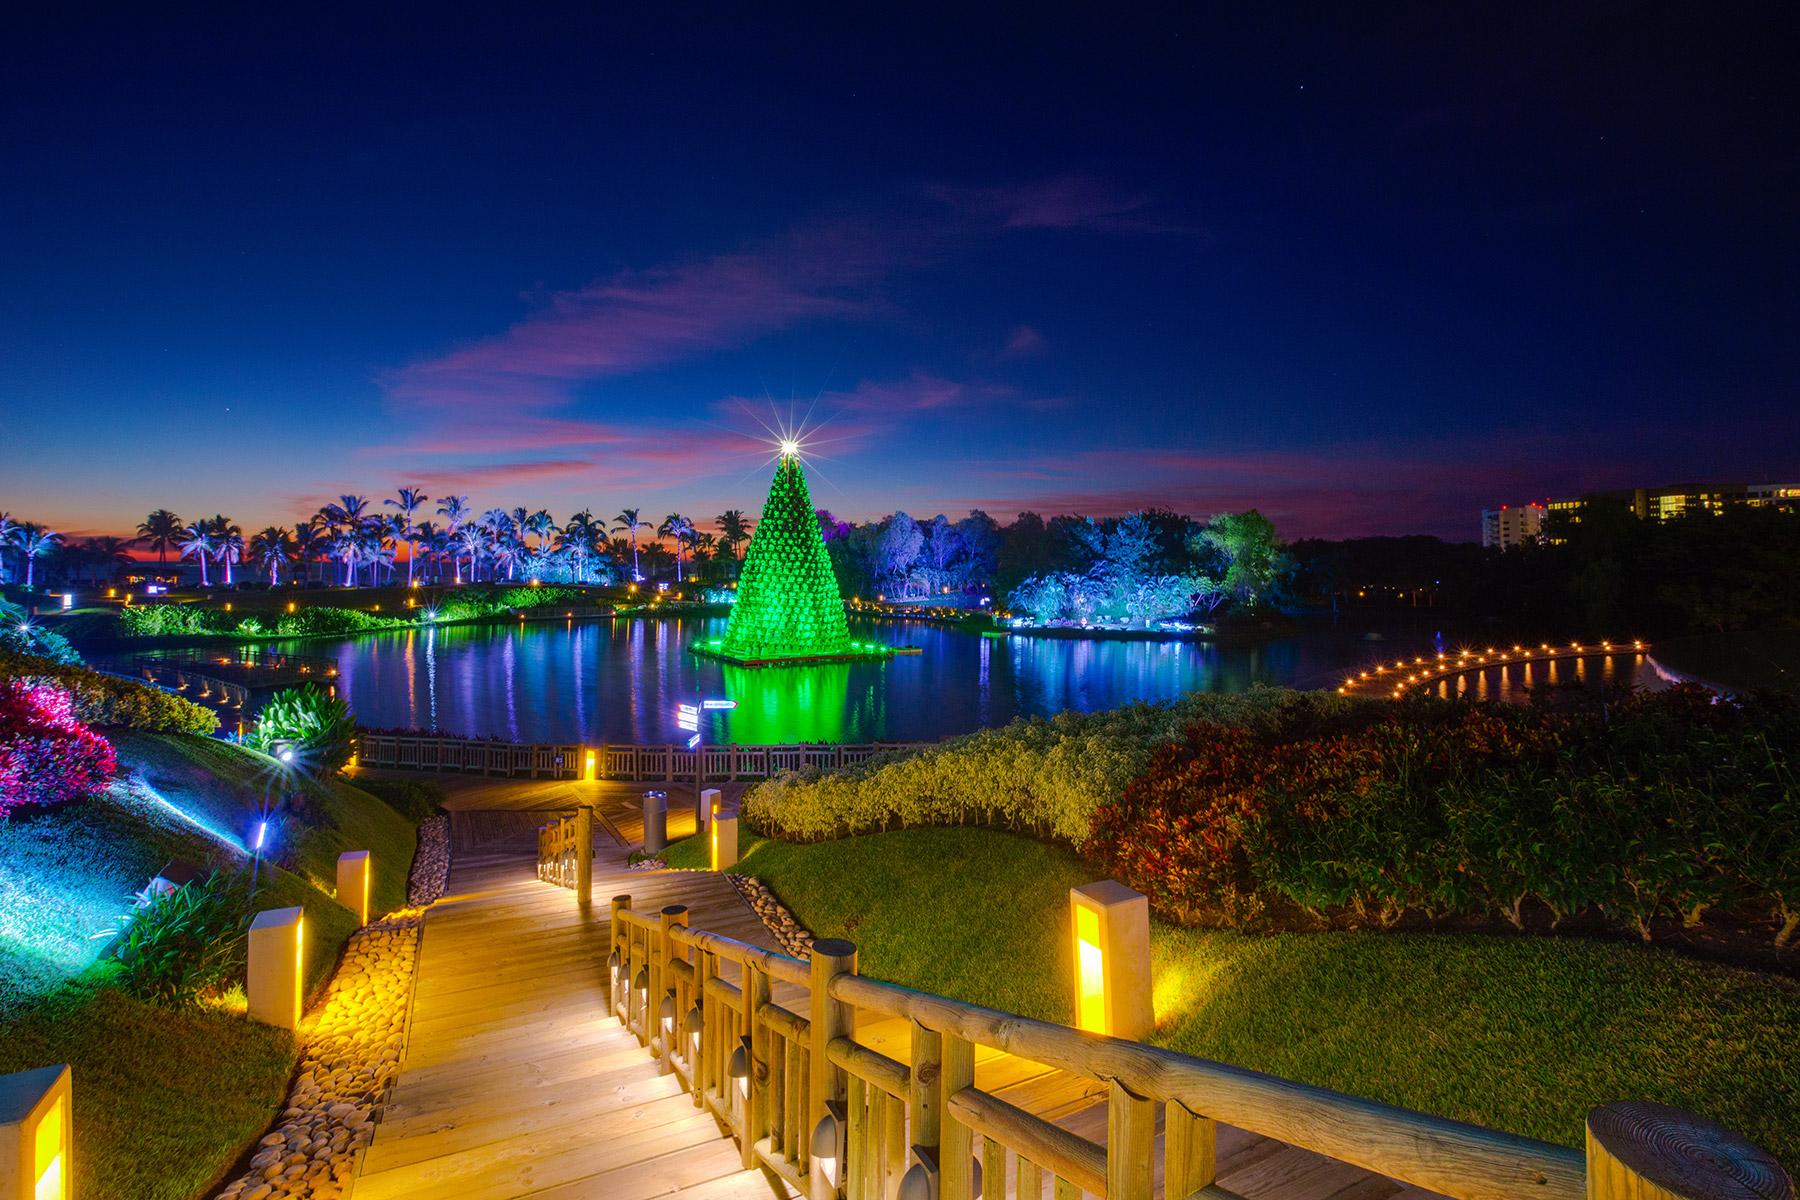 Navidad 2016 en Vidanta Resort Nuevo Vallarta